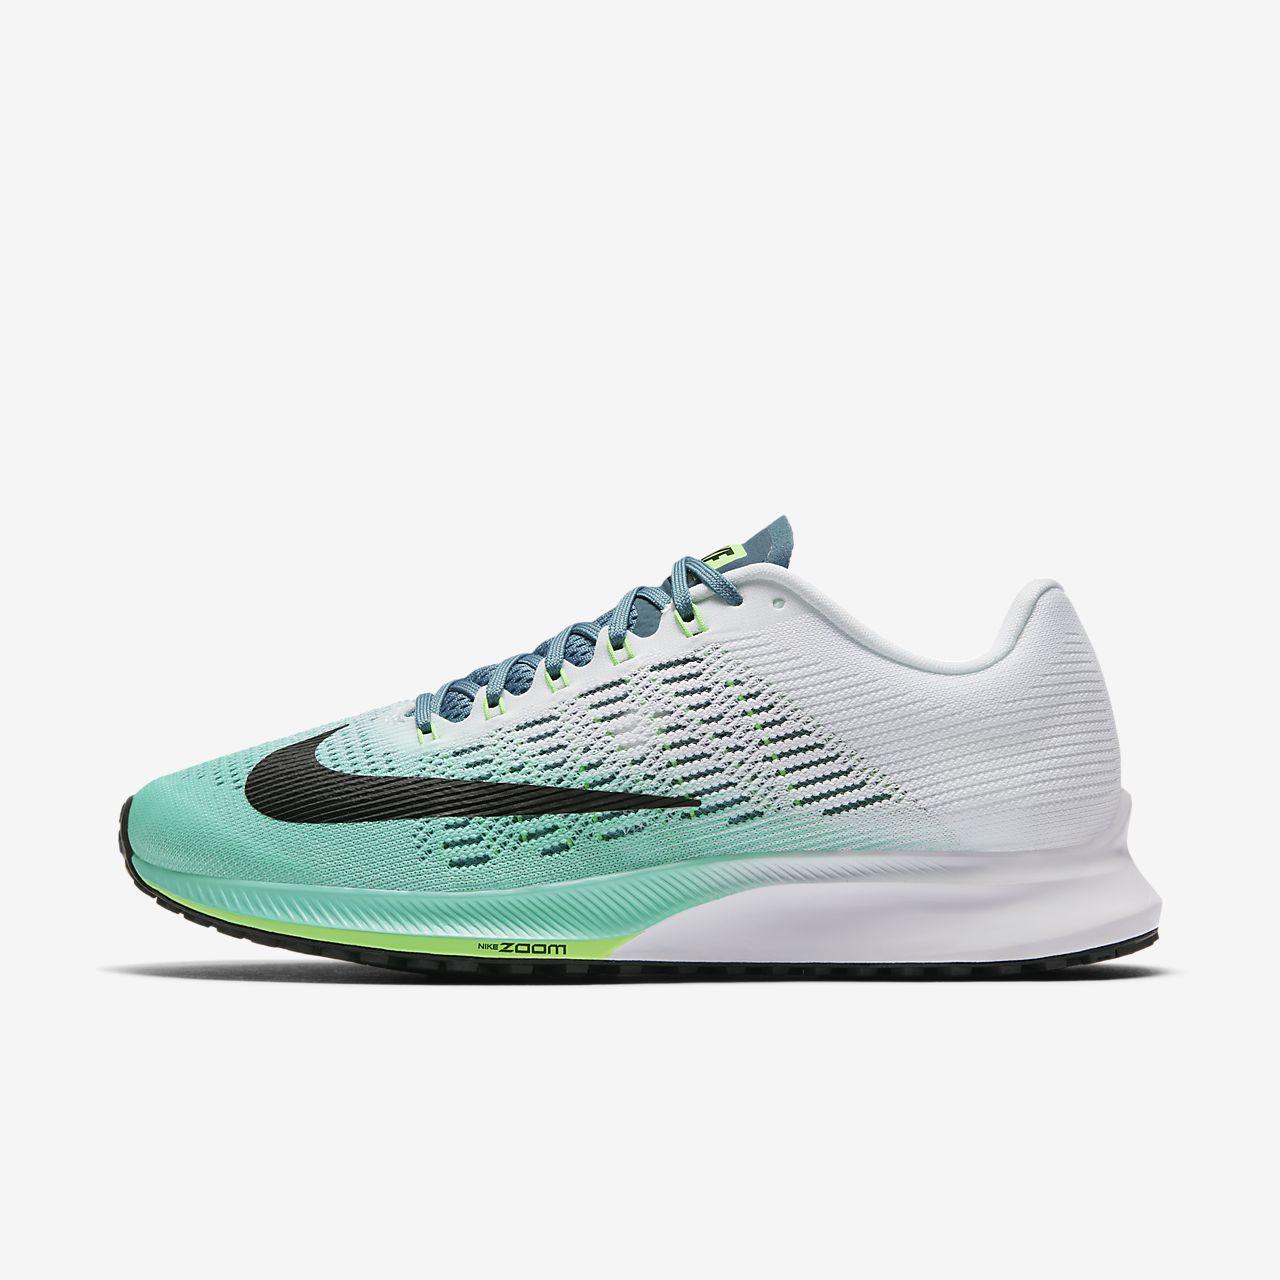 Venta Barata Con Mastercard Comprar Barato Real Nike Air Zoom Elite 9 Hot Punch/Black Donna Compras Para La Venta Mejor Liquidación Venta Barata Obtener Auténtica qef6x9i